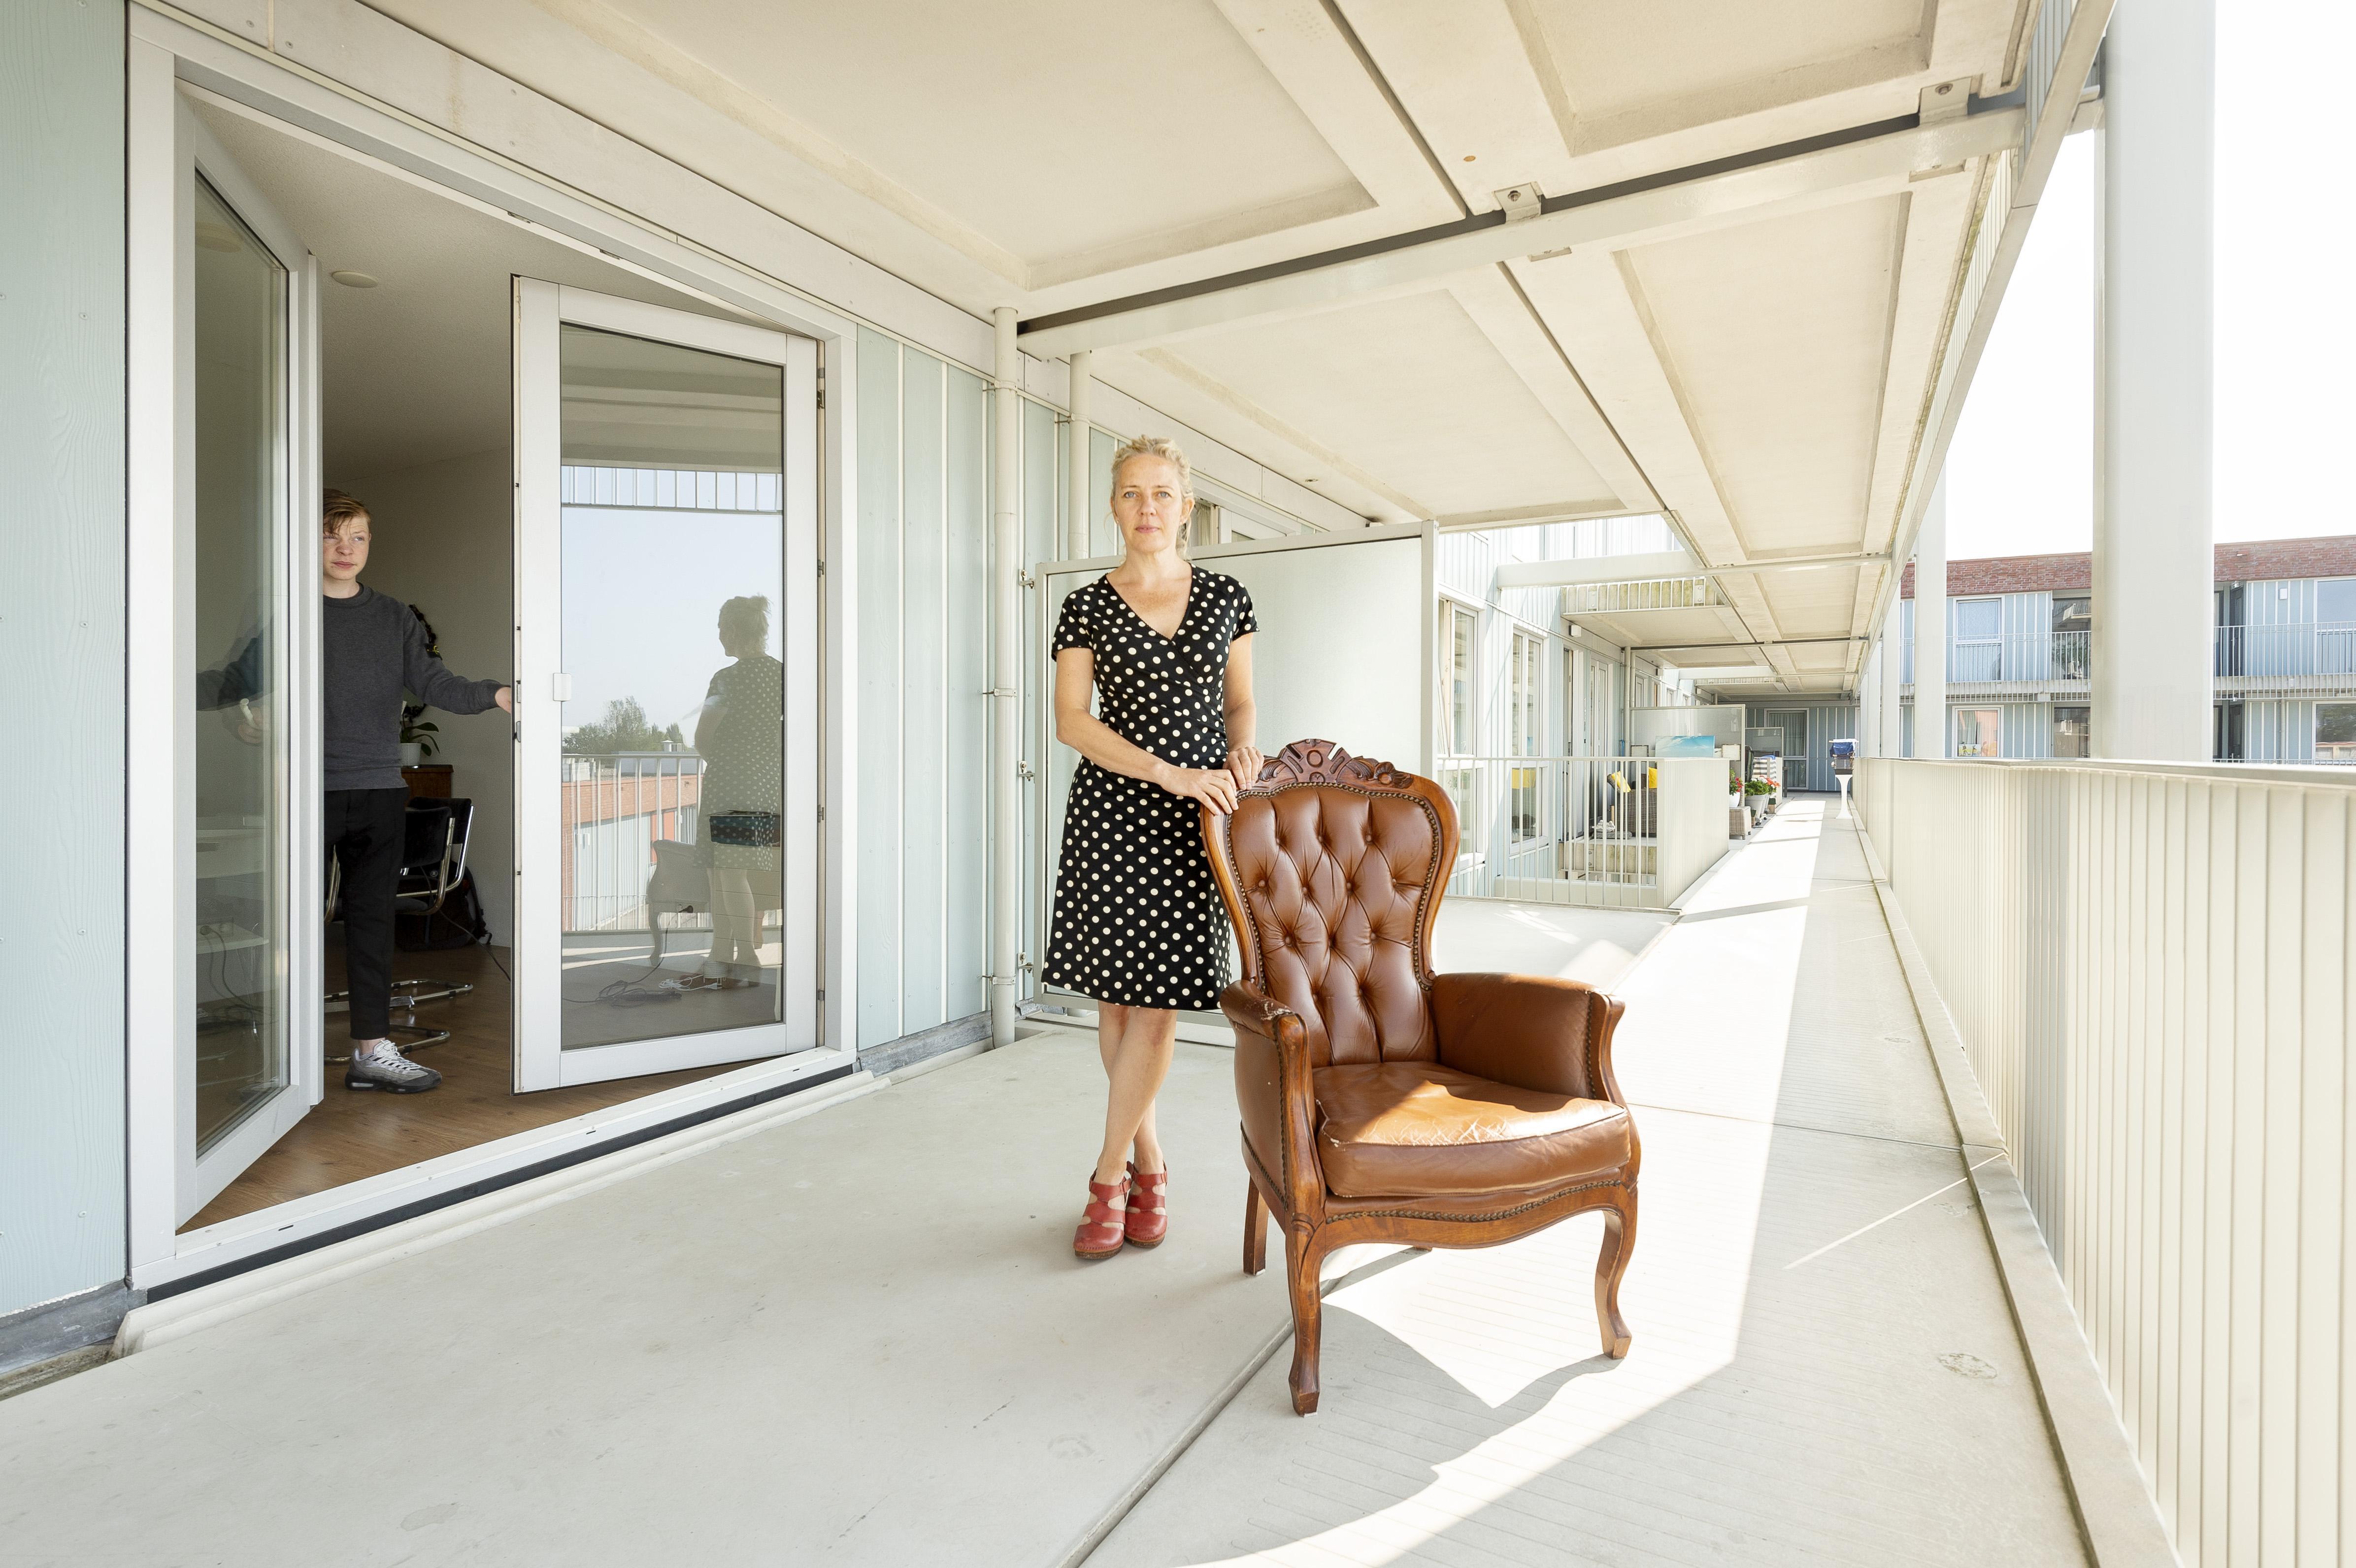 Leonie van der Helm is de nieuwe Leidse stadsfotograaf